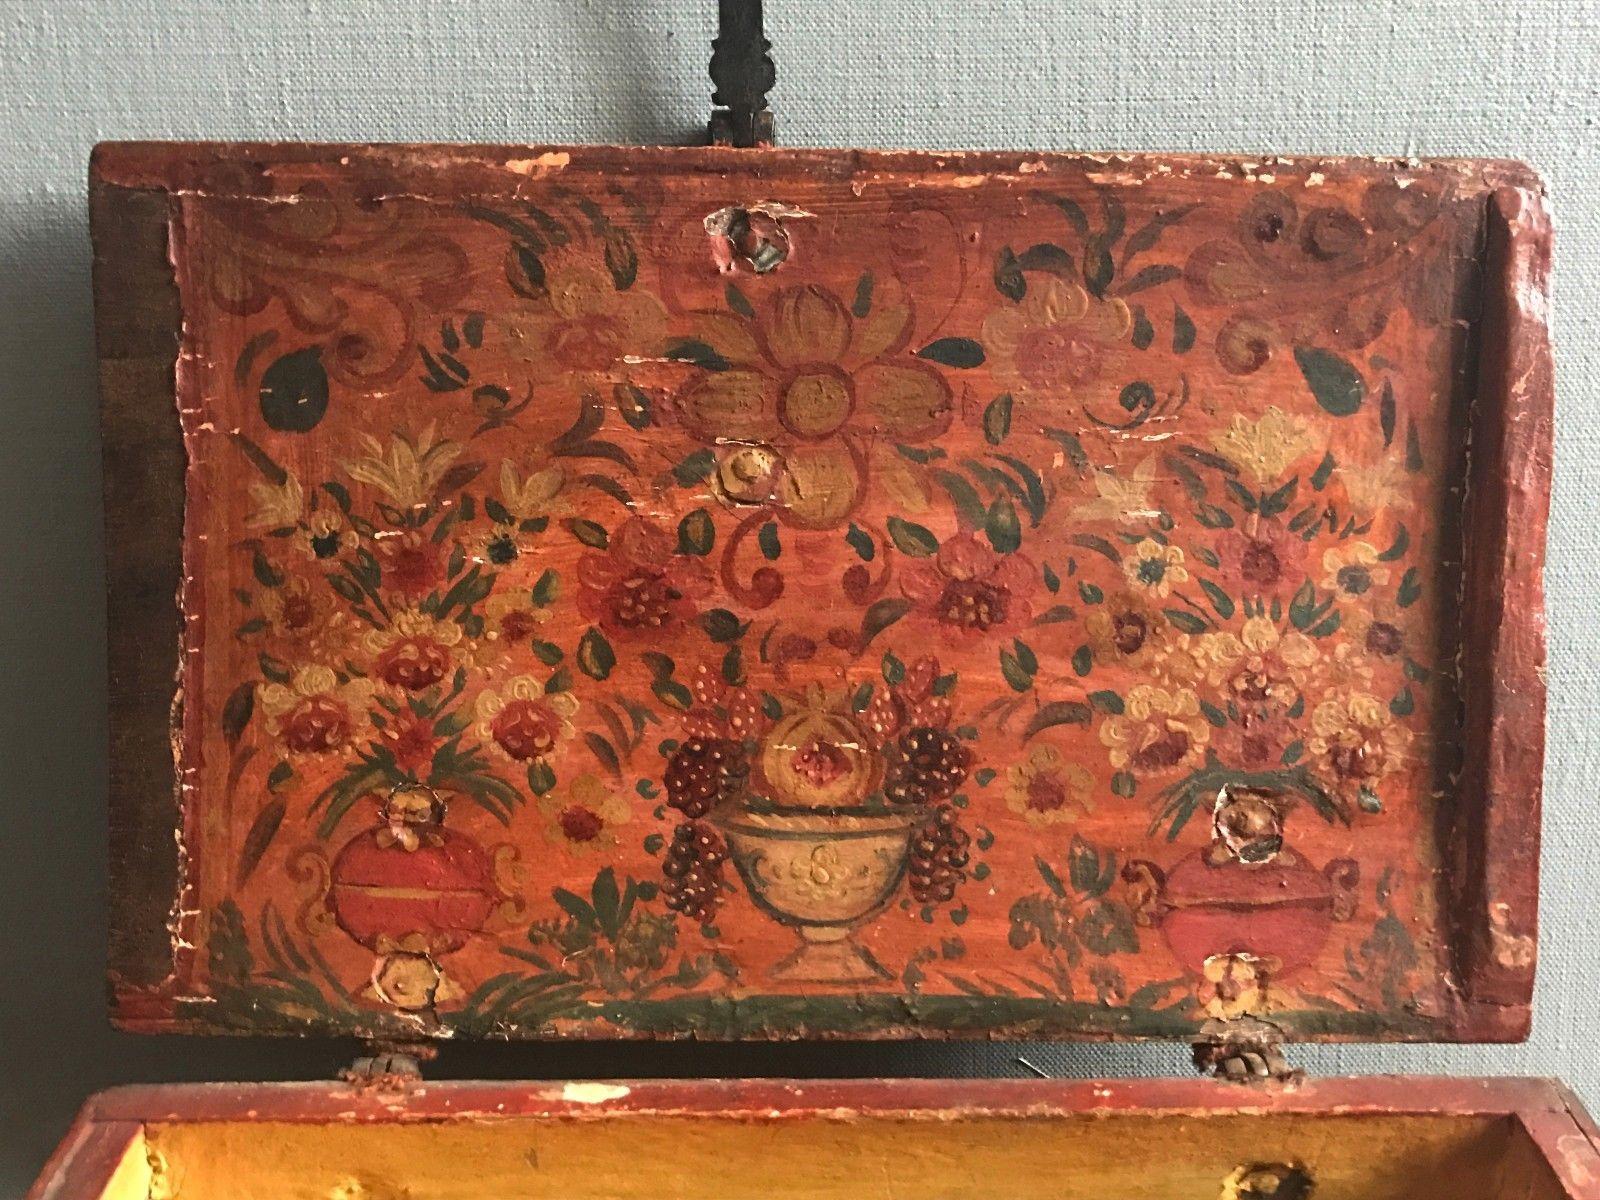 teremok_antiques_peru_casket_2.jpg